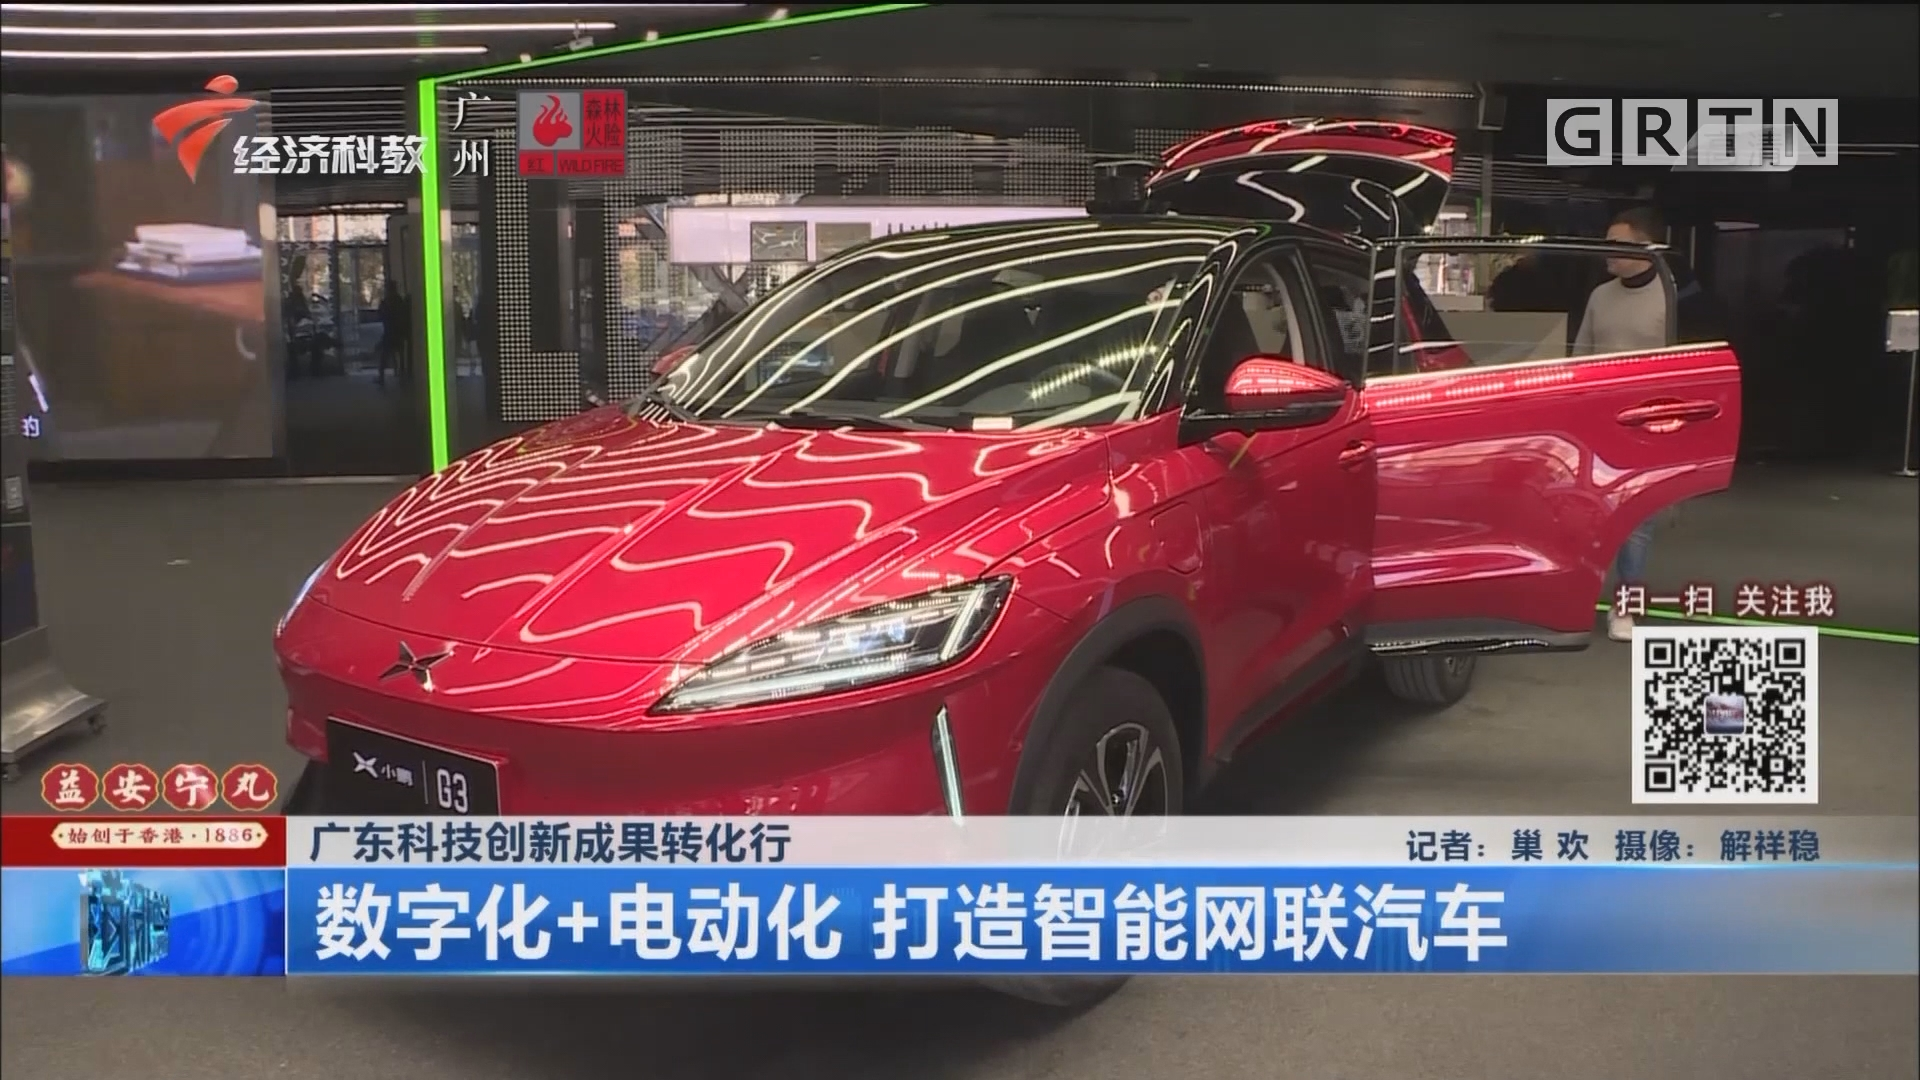 广东科技创新成果转化行 数字化+电动化 打造智能网联汽车